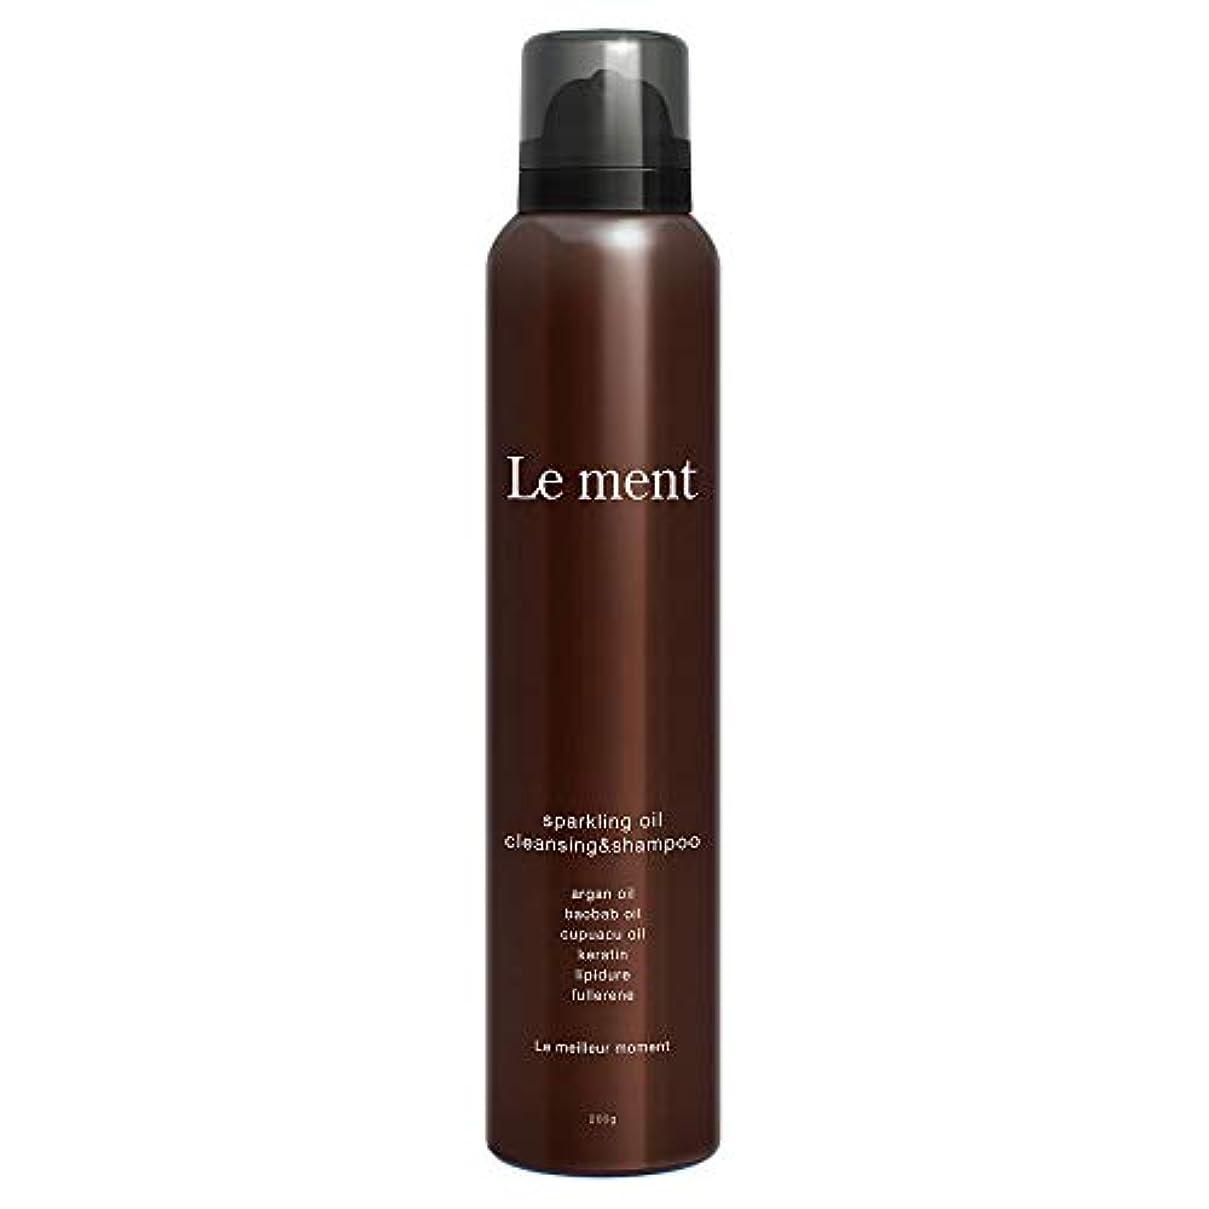 農業ハブブ今Le ment -sparkling oil cleansing & shampoo -